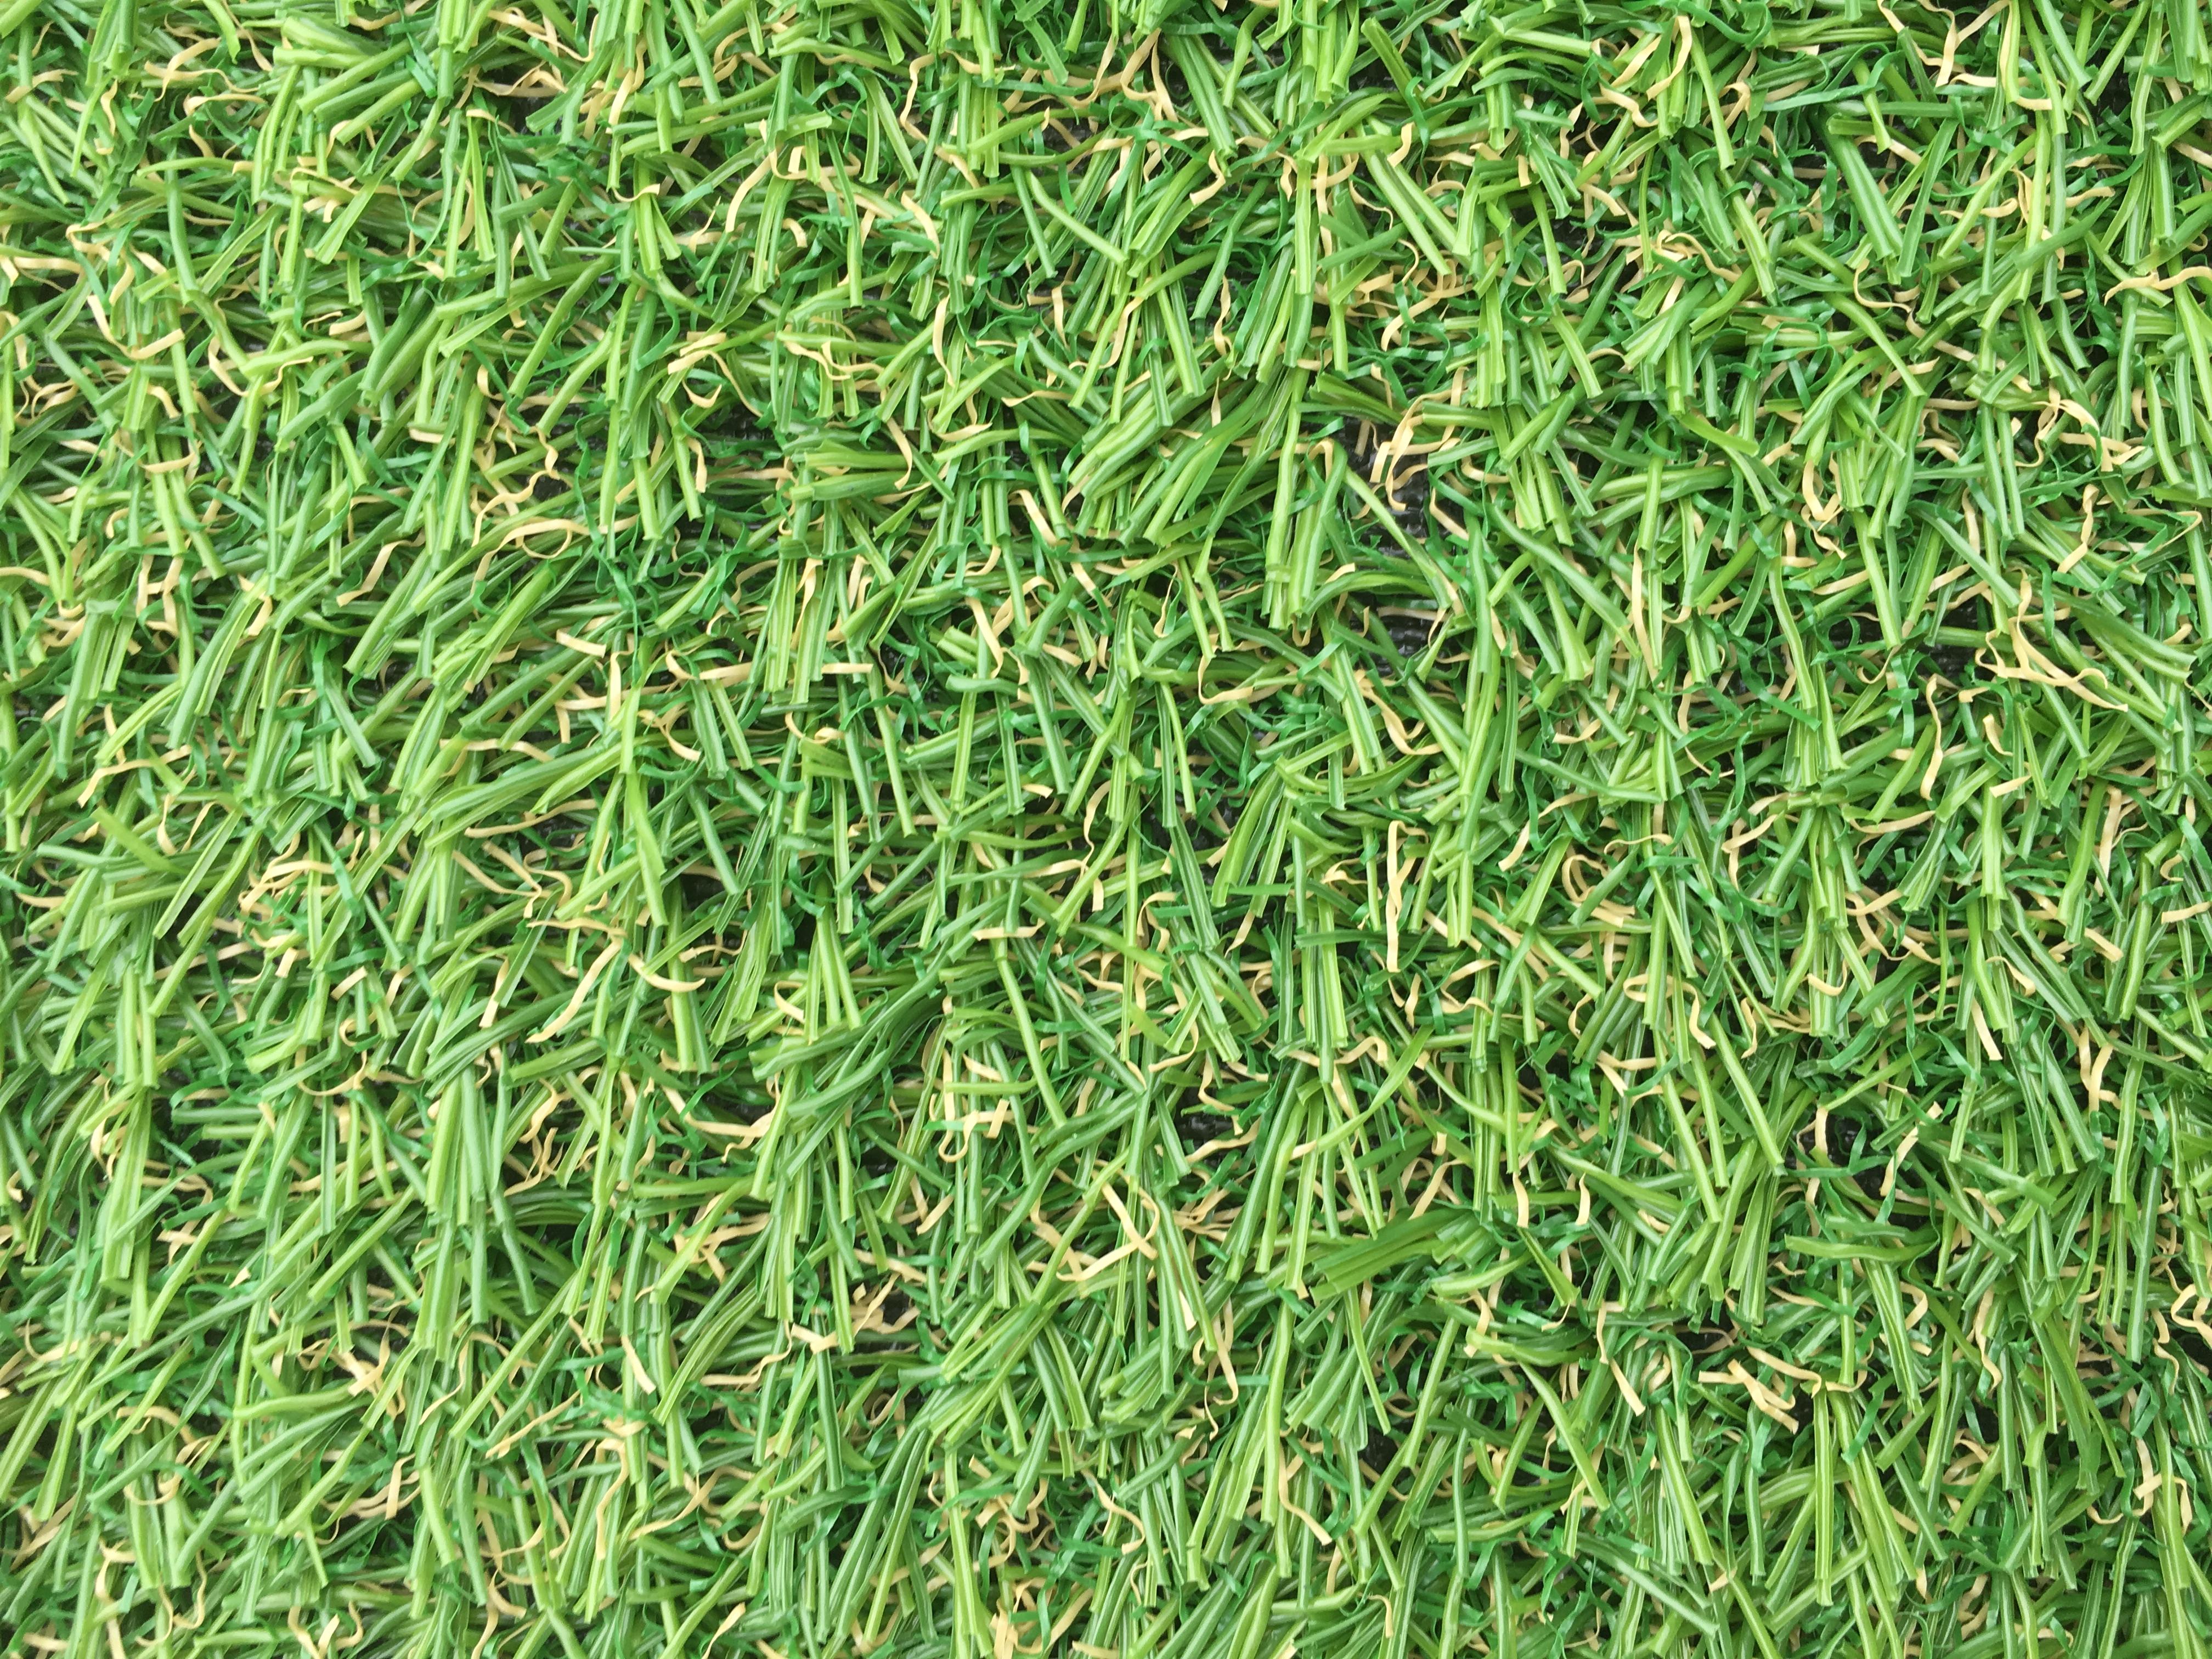 Covor Iarba Artificiala, Tip Gazon, Verde, Natura, 100% Polipropilena, 10 mm, 200x400 cm 4